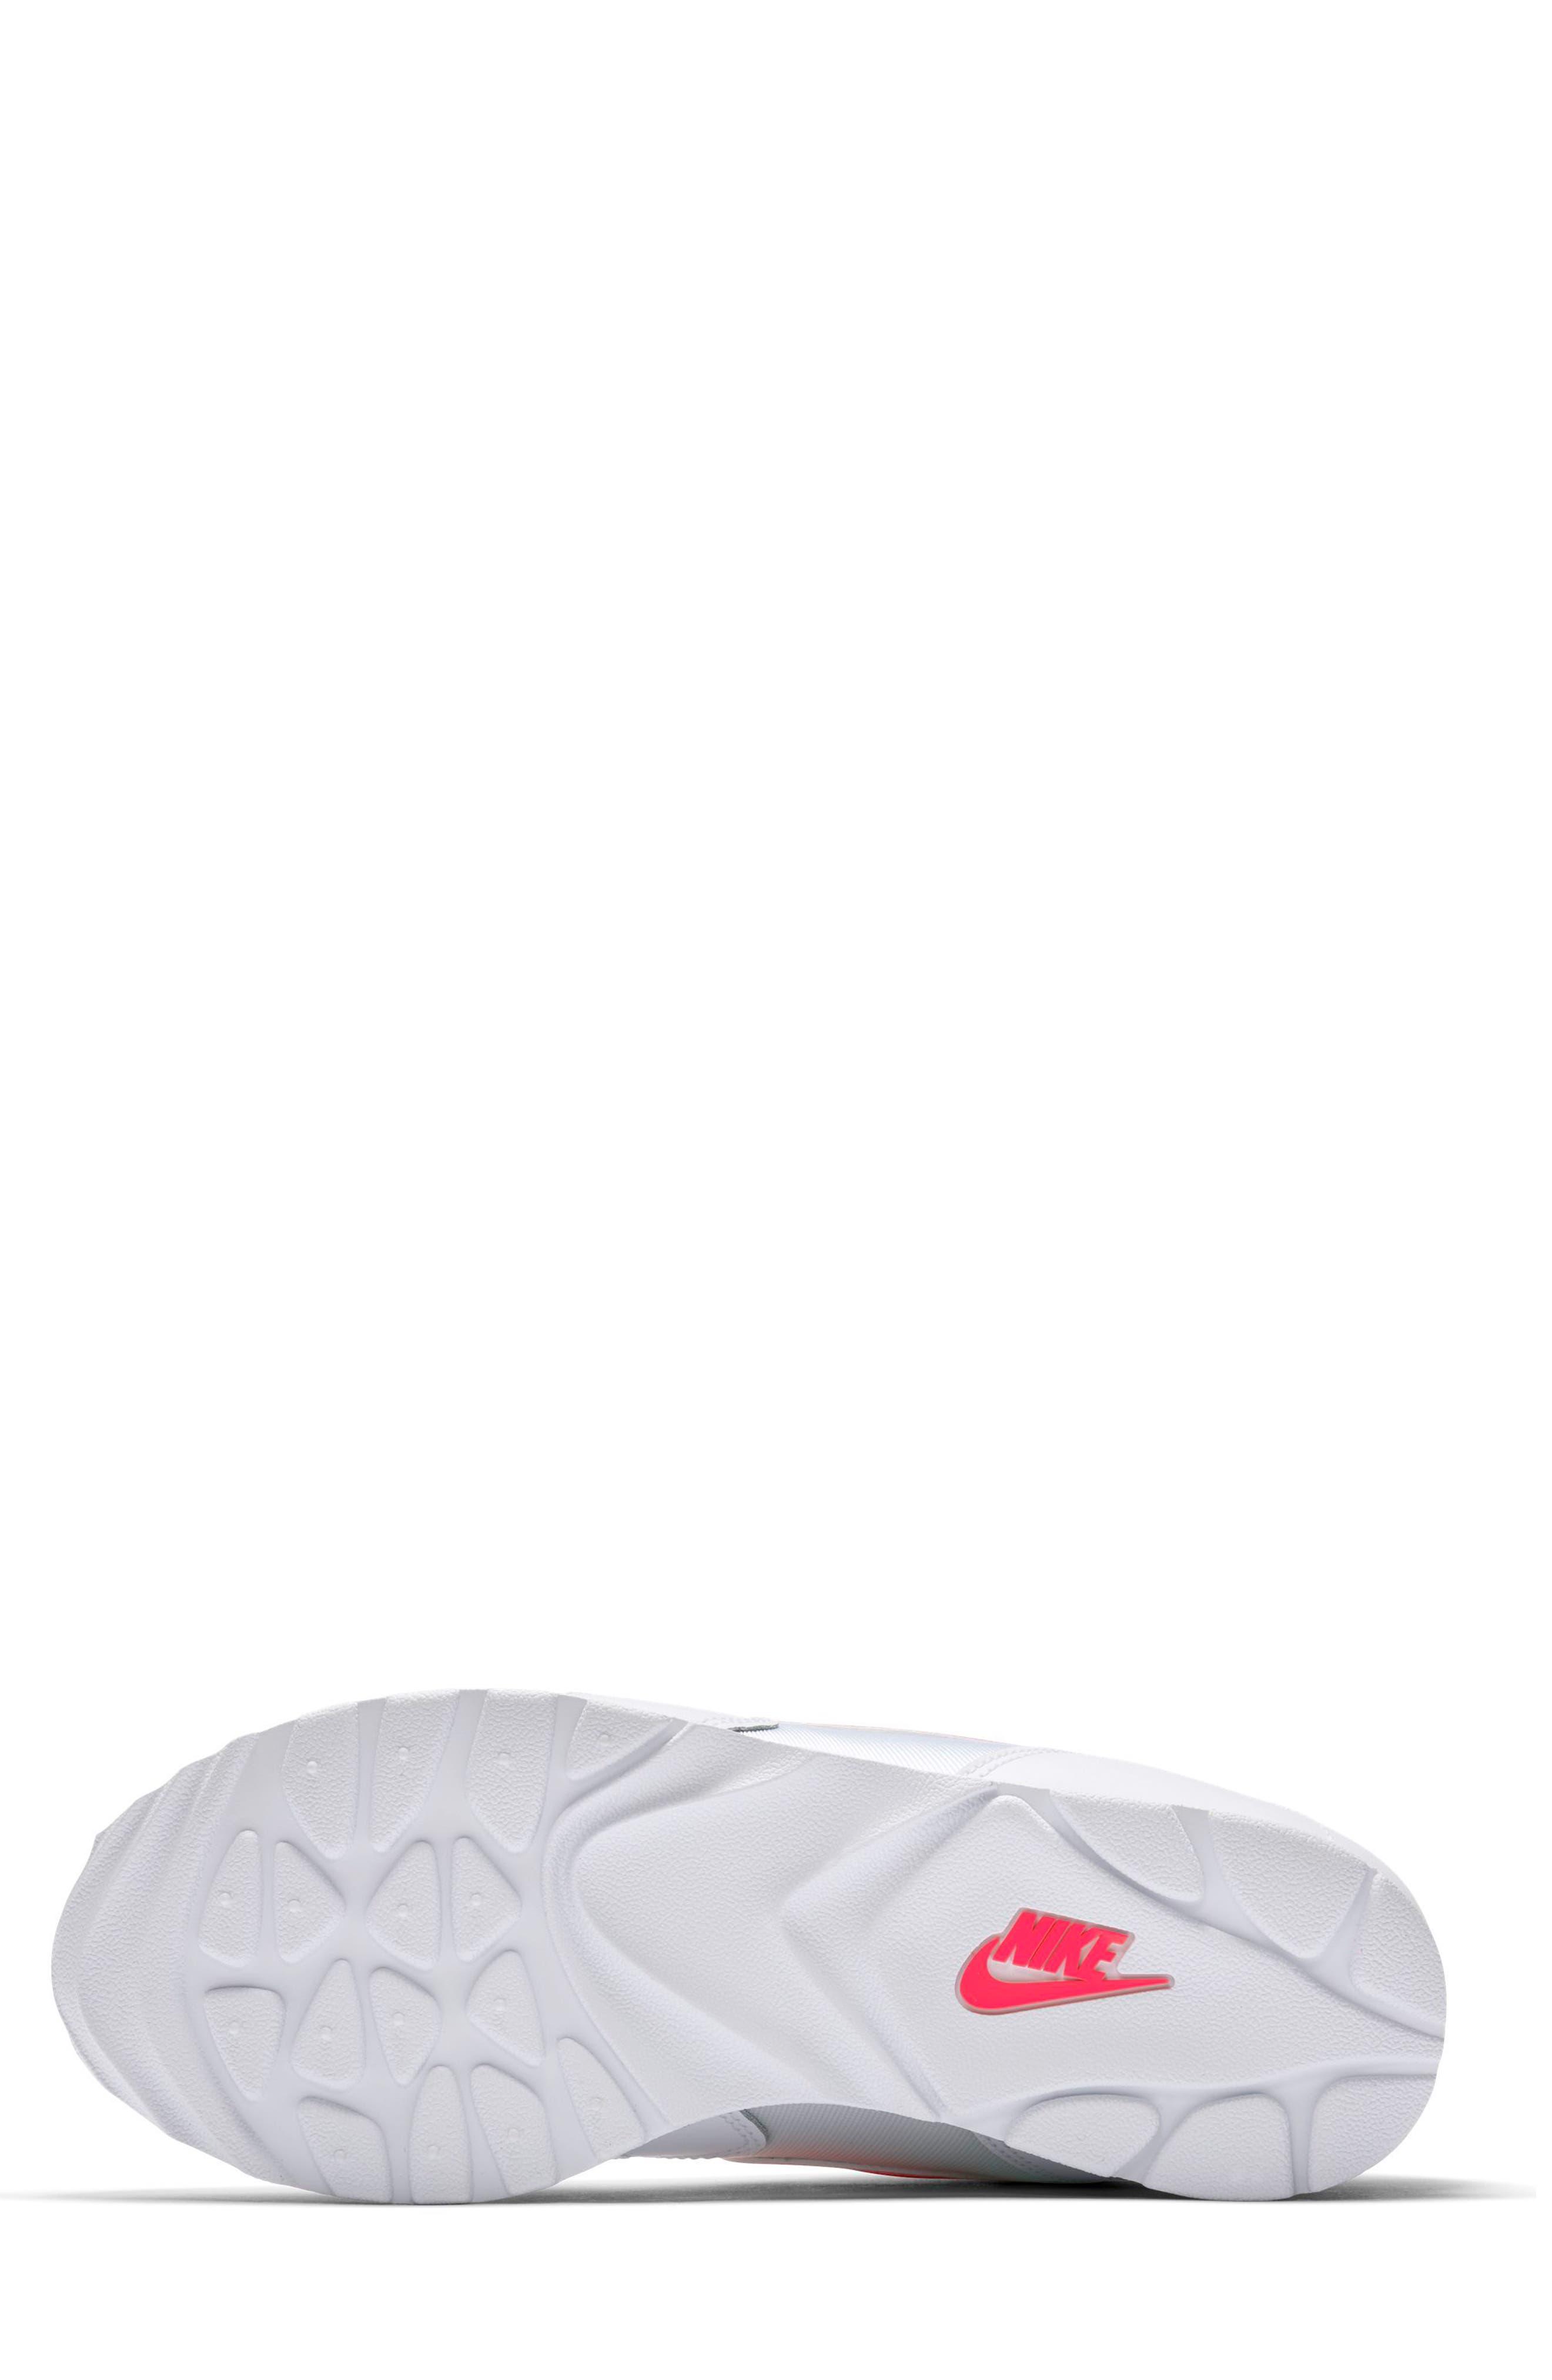 Outburst OG Sneaker,                             Alternate thumbnail 5, color,                             White/ Solar Red